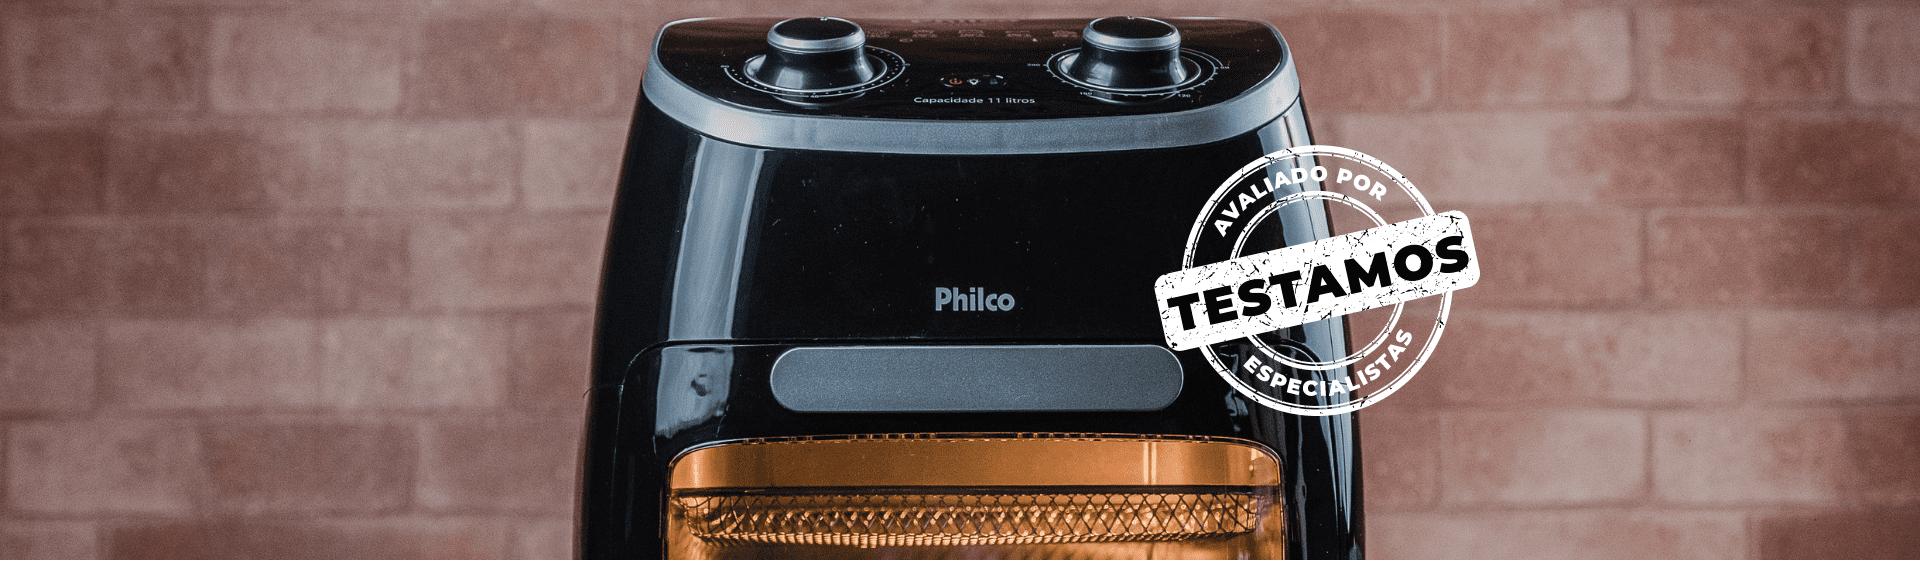 Air Fryer Oven Philco: fritadeira sem óleo é eficiente e fácil de manusear